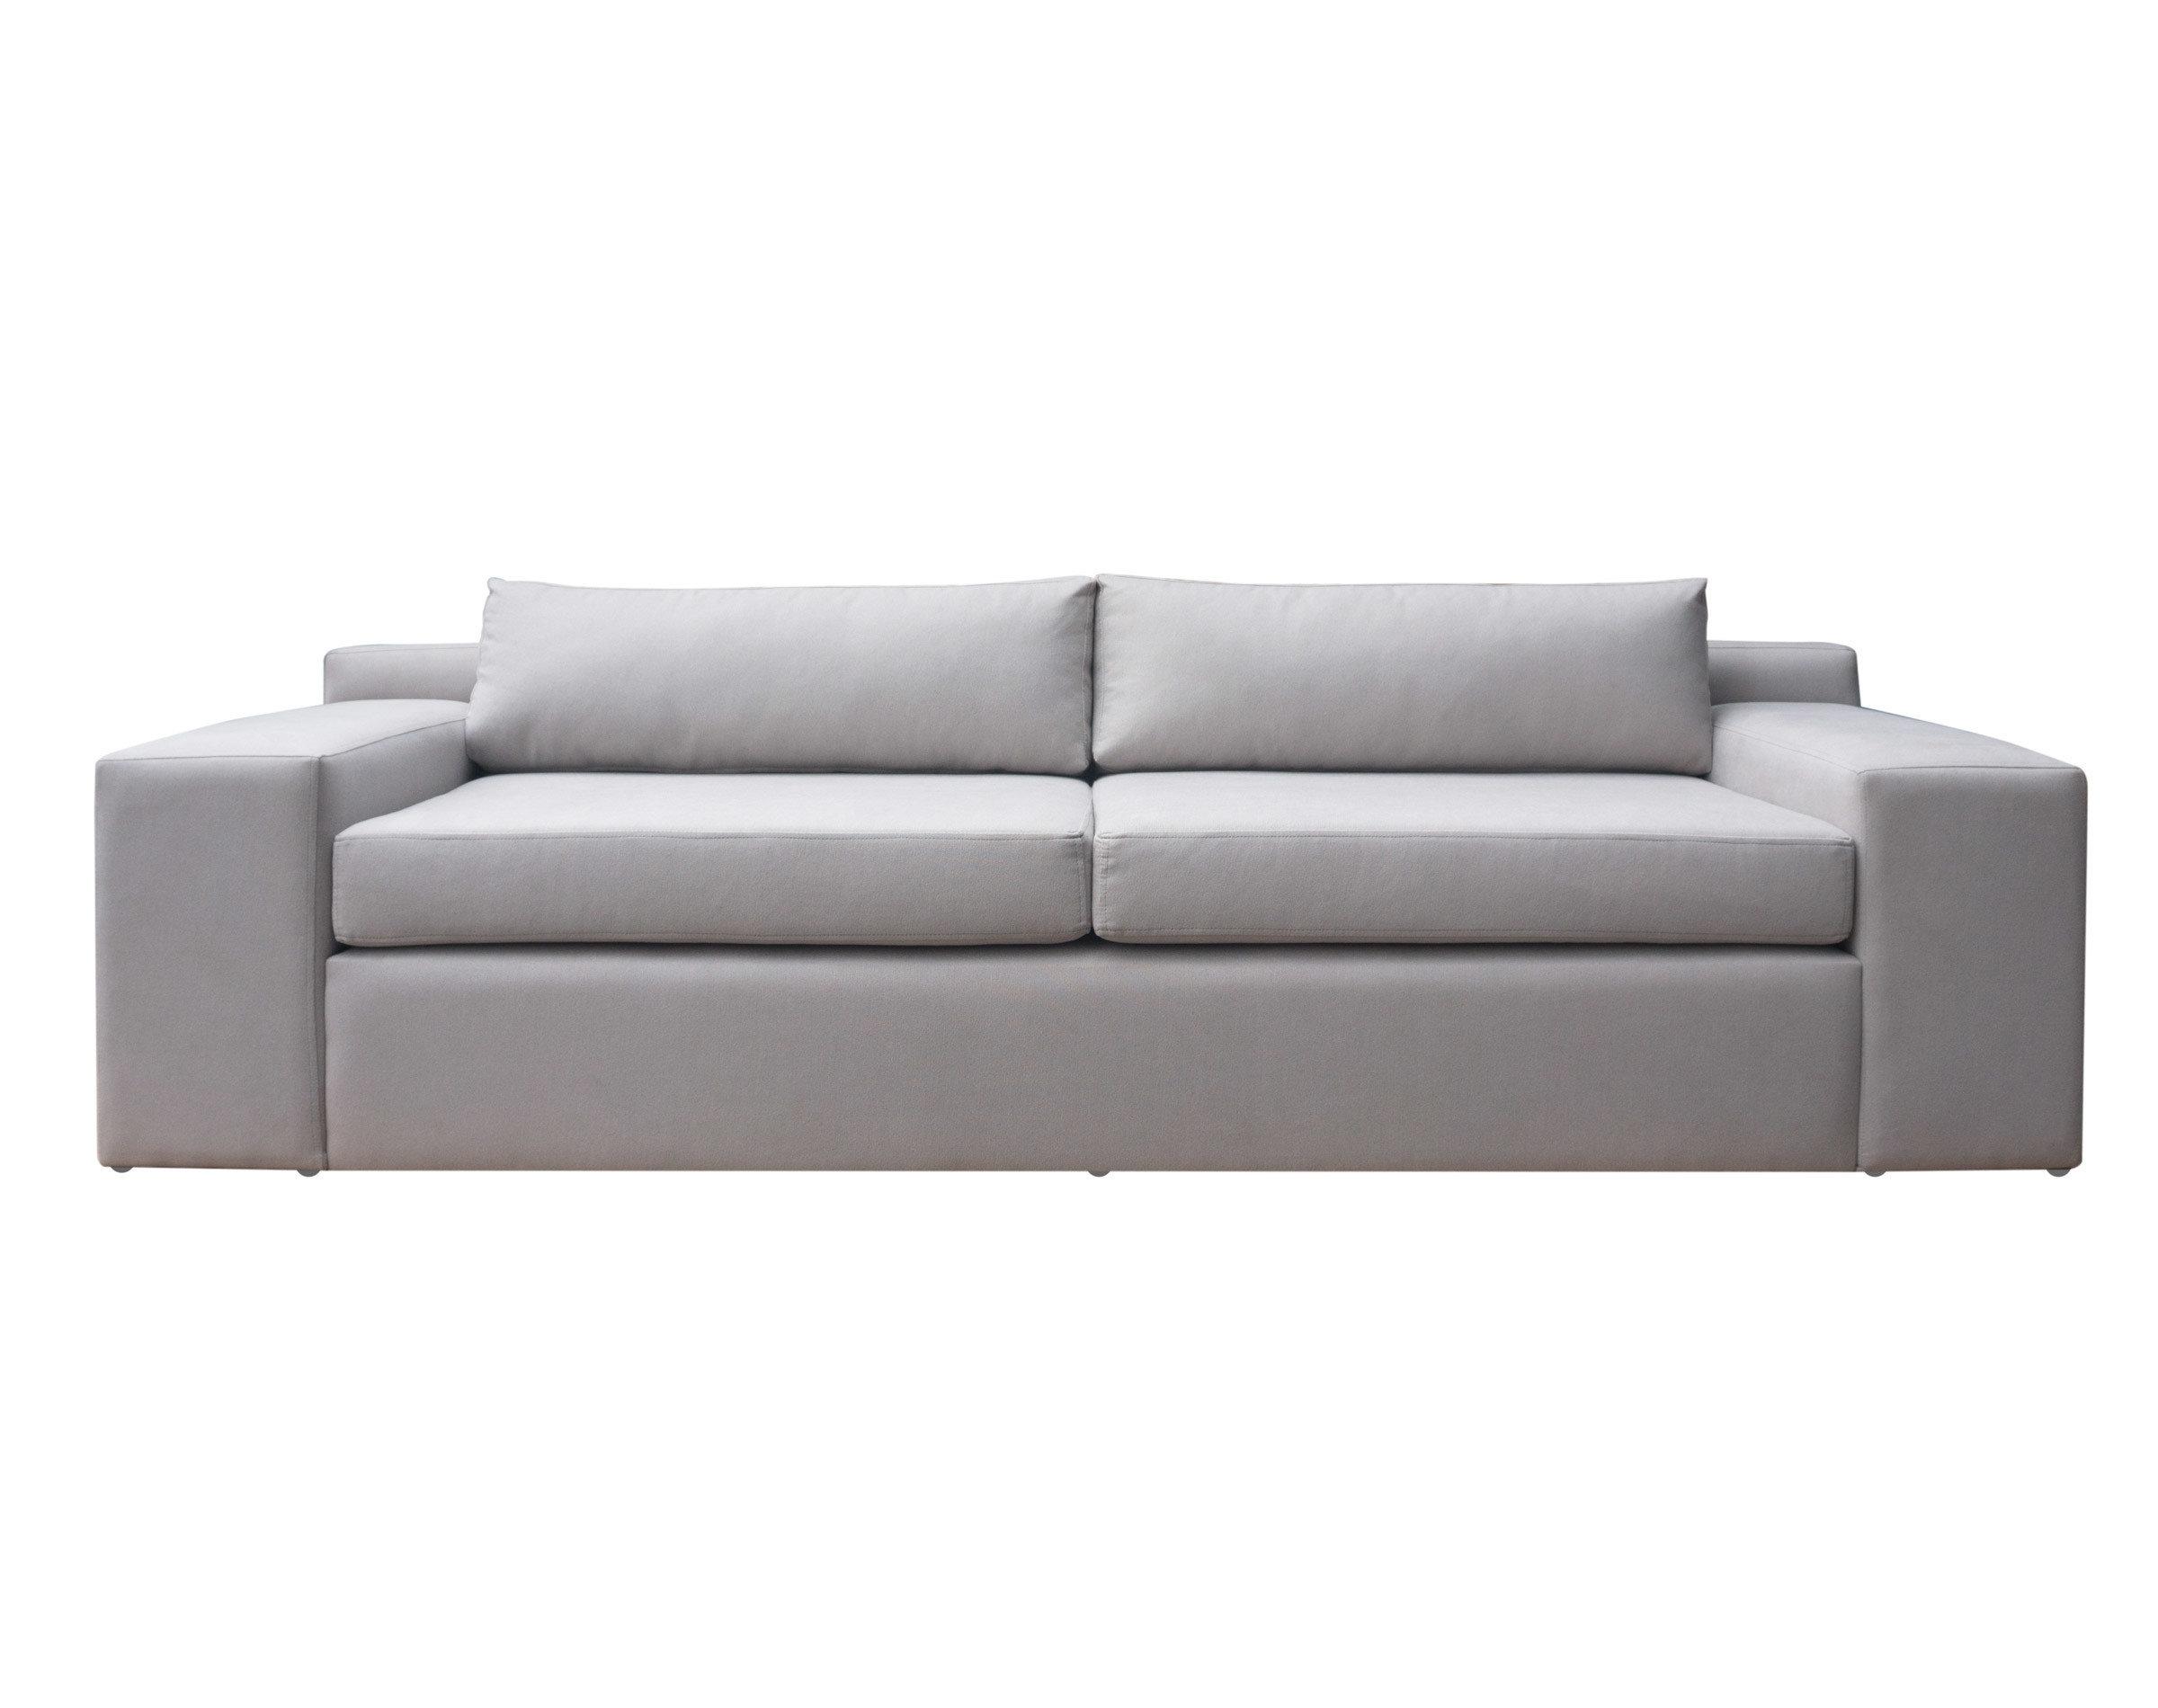 Elegante sofá de 3 cuerpos estilo minimalista y patas invisibles